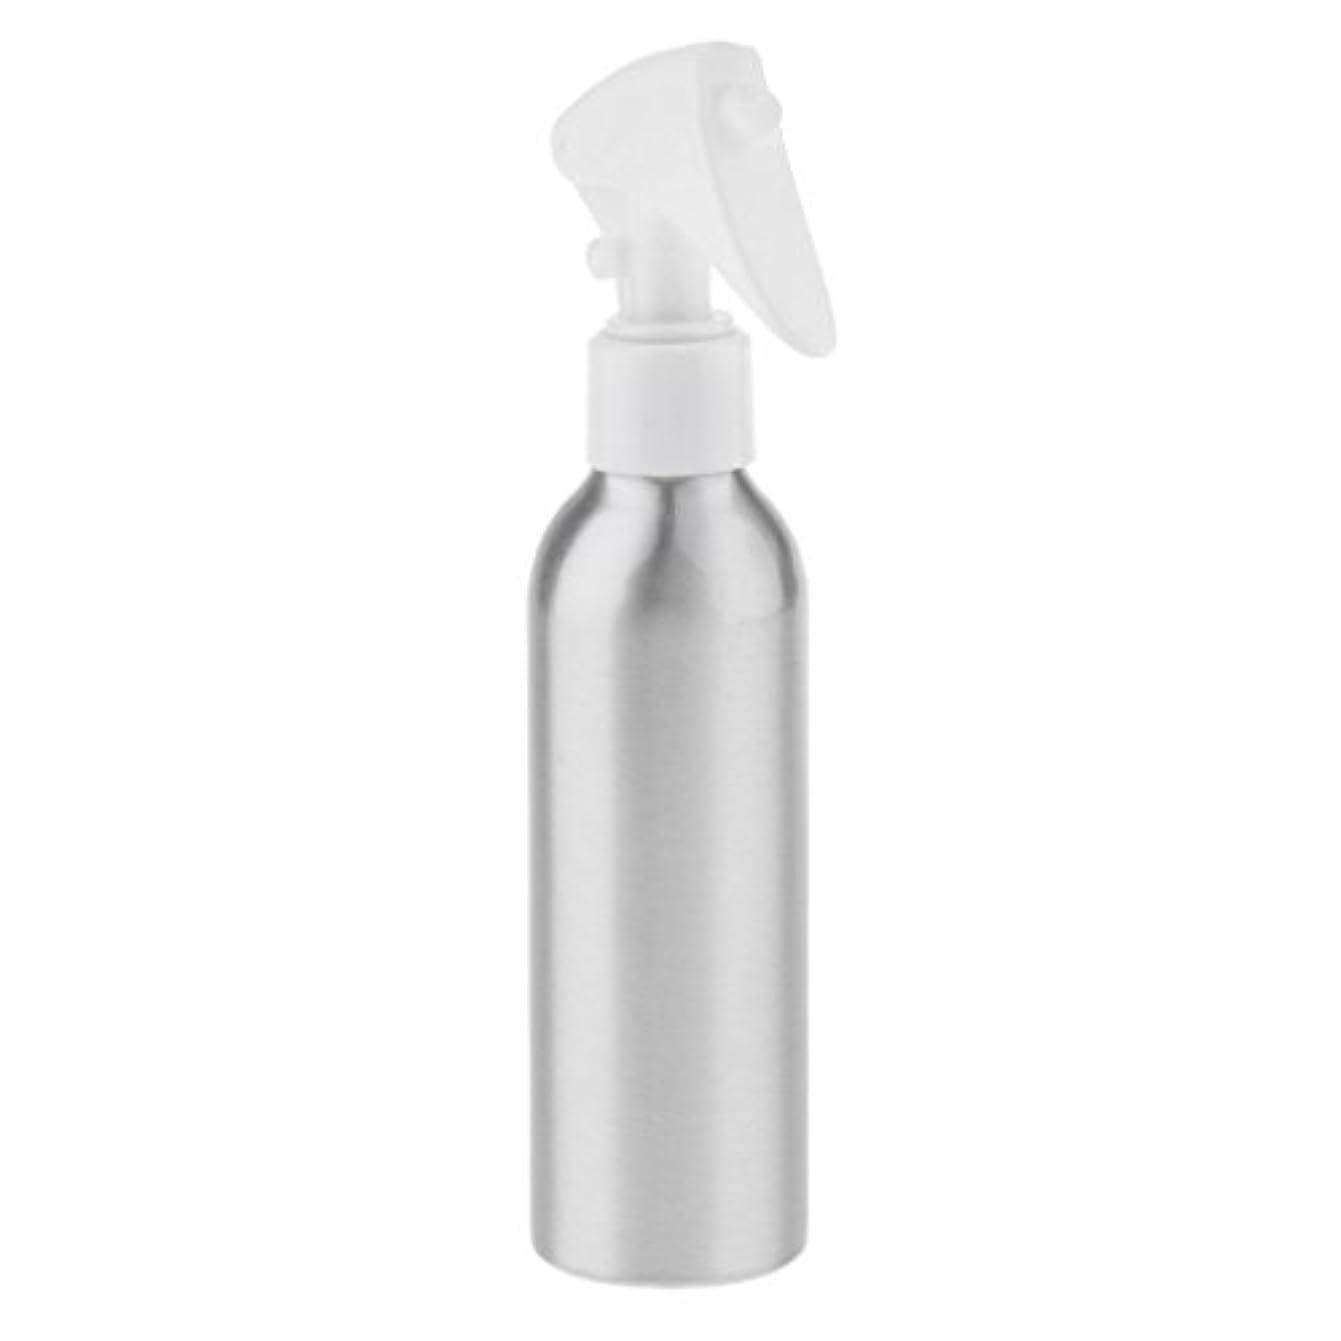 草見通しおそらくBaosity スプレーボトル 空ボトル 水スプレー スプレー ポンプボトル 噴霧器 家庭用 プロのサロン 多機能 6サイズ選択 - 150ML